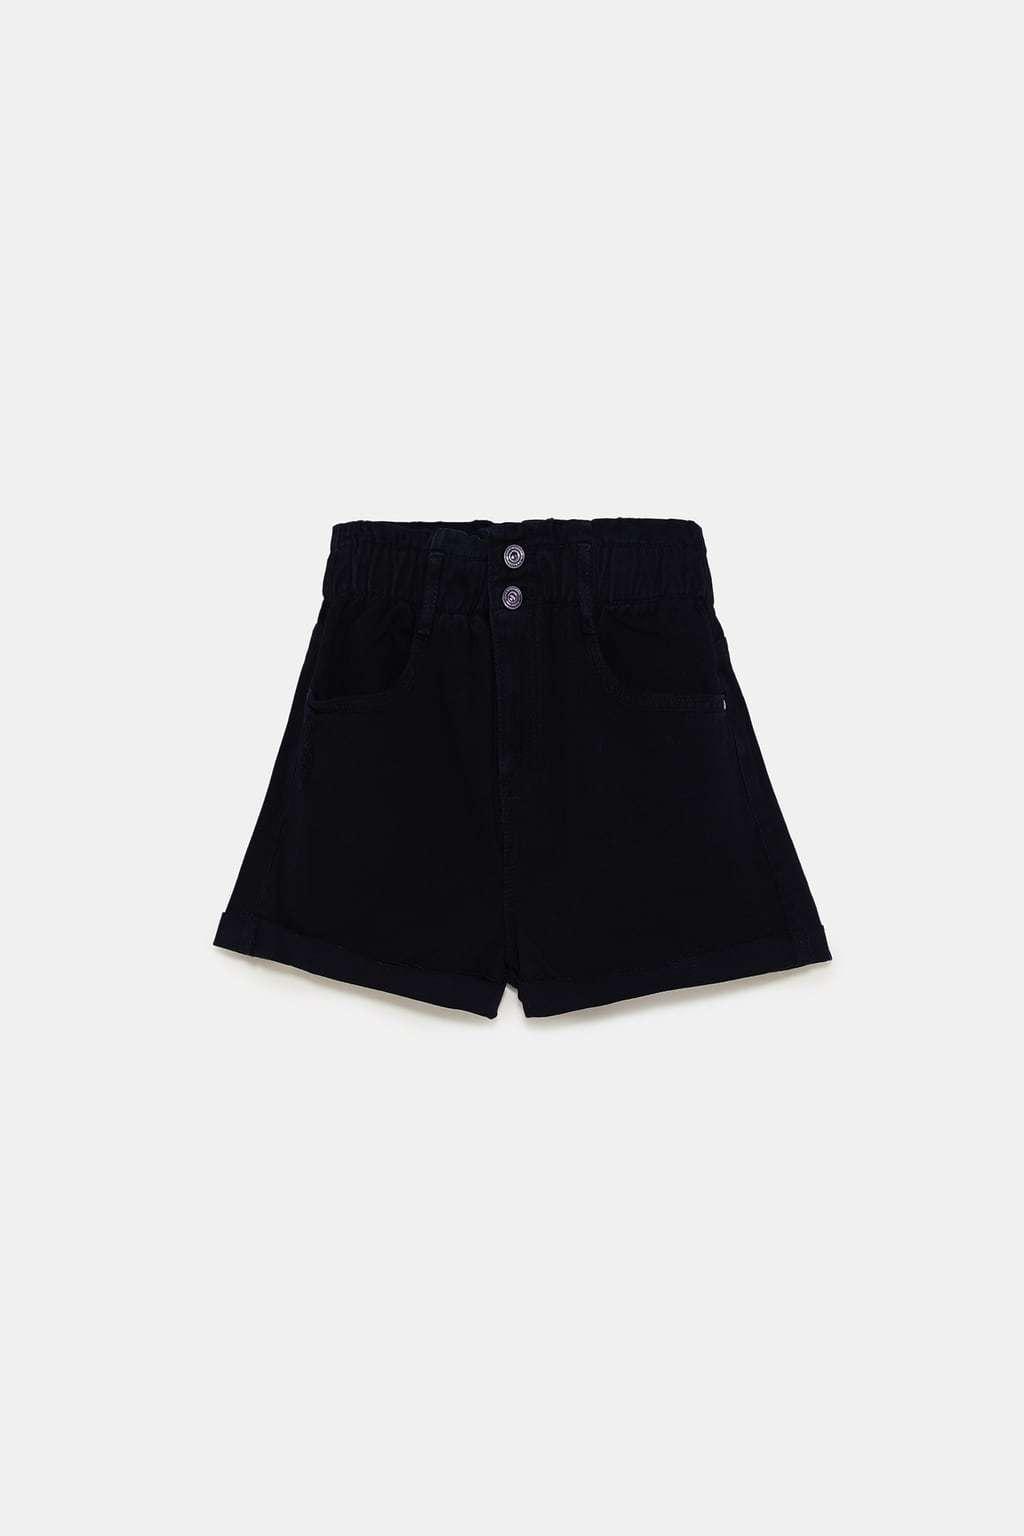 Shorts de tiro alto paper bag en negro de Zara.Precio 19,95 euros.